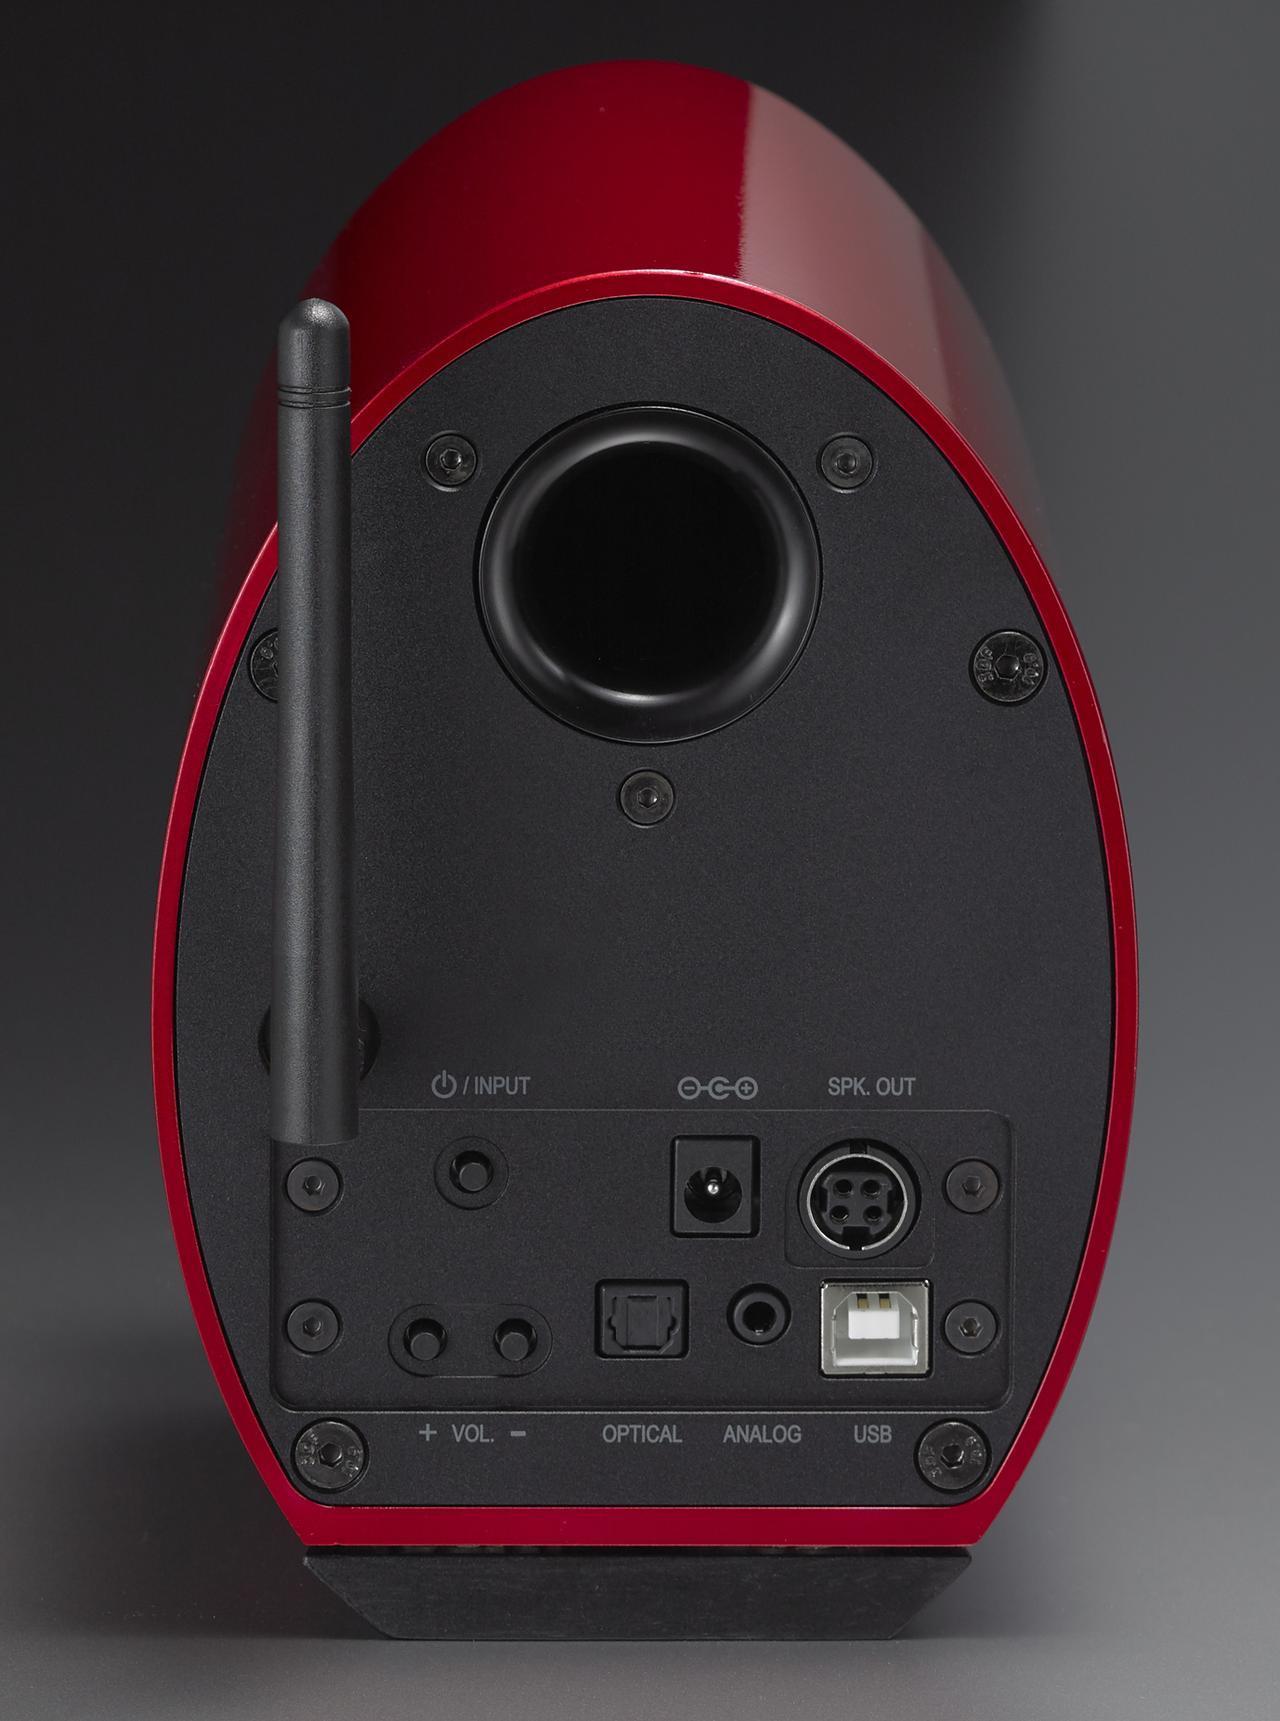 画像: 入力端子はすべて右スピーカーに用意されている。デジタル音声入力はUSBタイプBと光、アナログ音声入力は3.5mmステレオミニとなっている。右上の端子は左スピーカーとのつなぐ専用ケーブルで使うもの